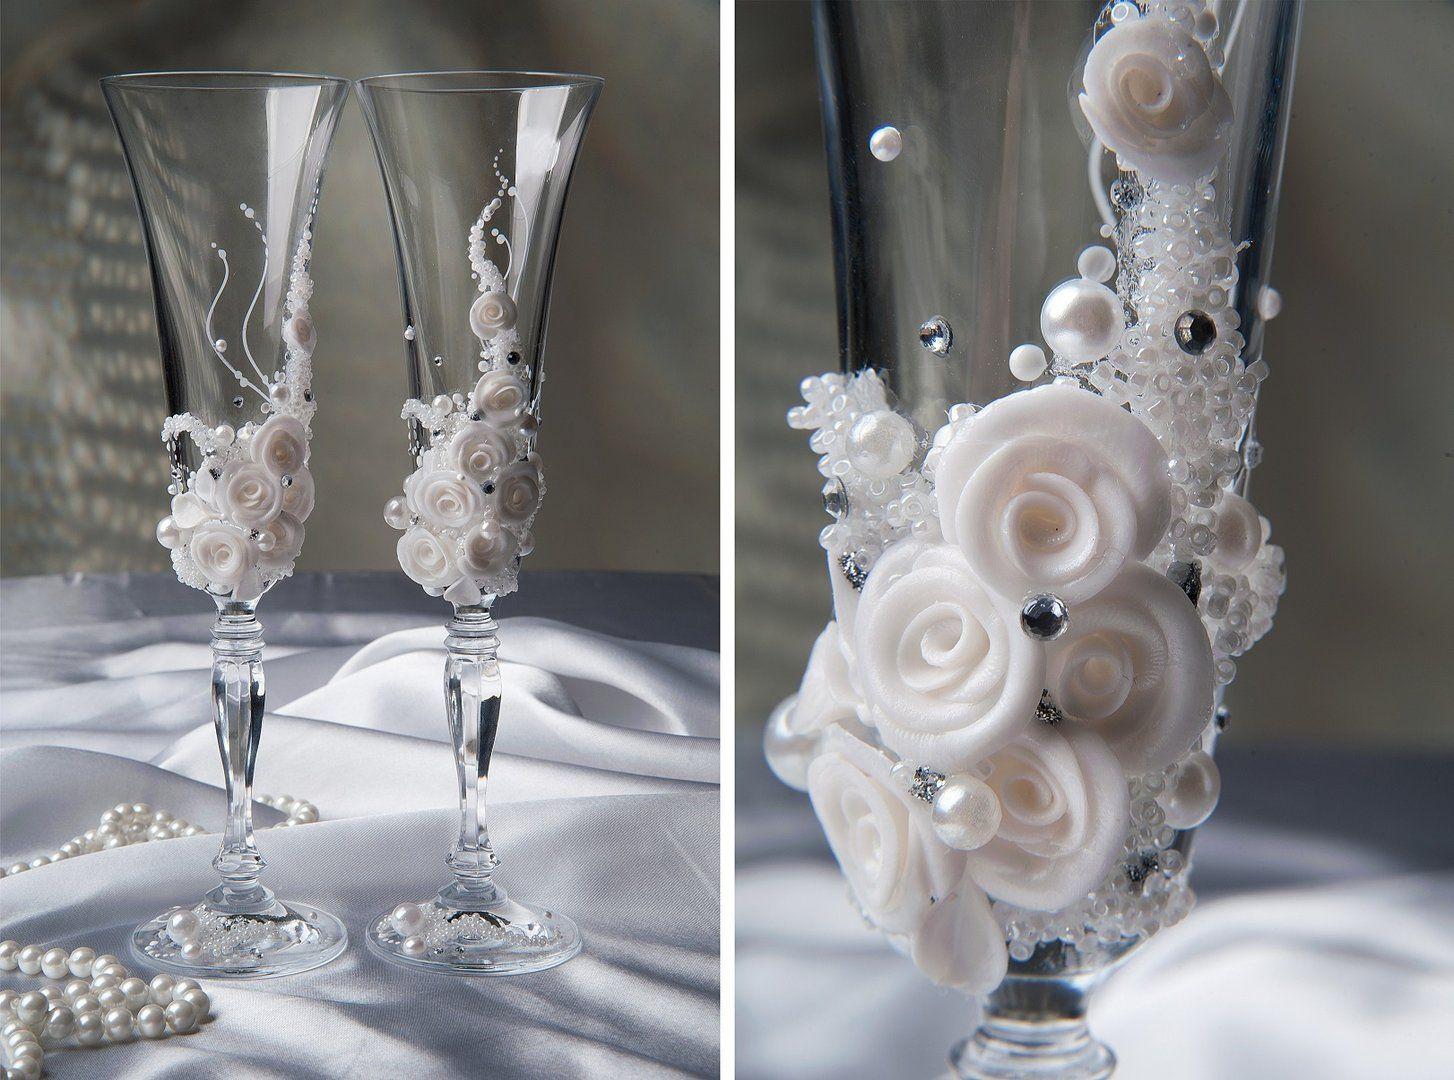 Hochzeitsglas Rosenranke Rapunzel Verlobung Sektkelche Kristall Hochzeitsglaser Sektglaser Hochzeit Hochzeitsshop